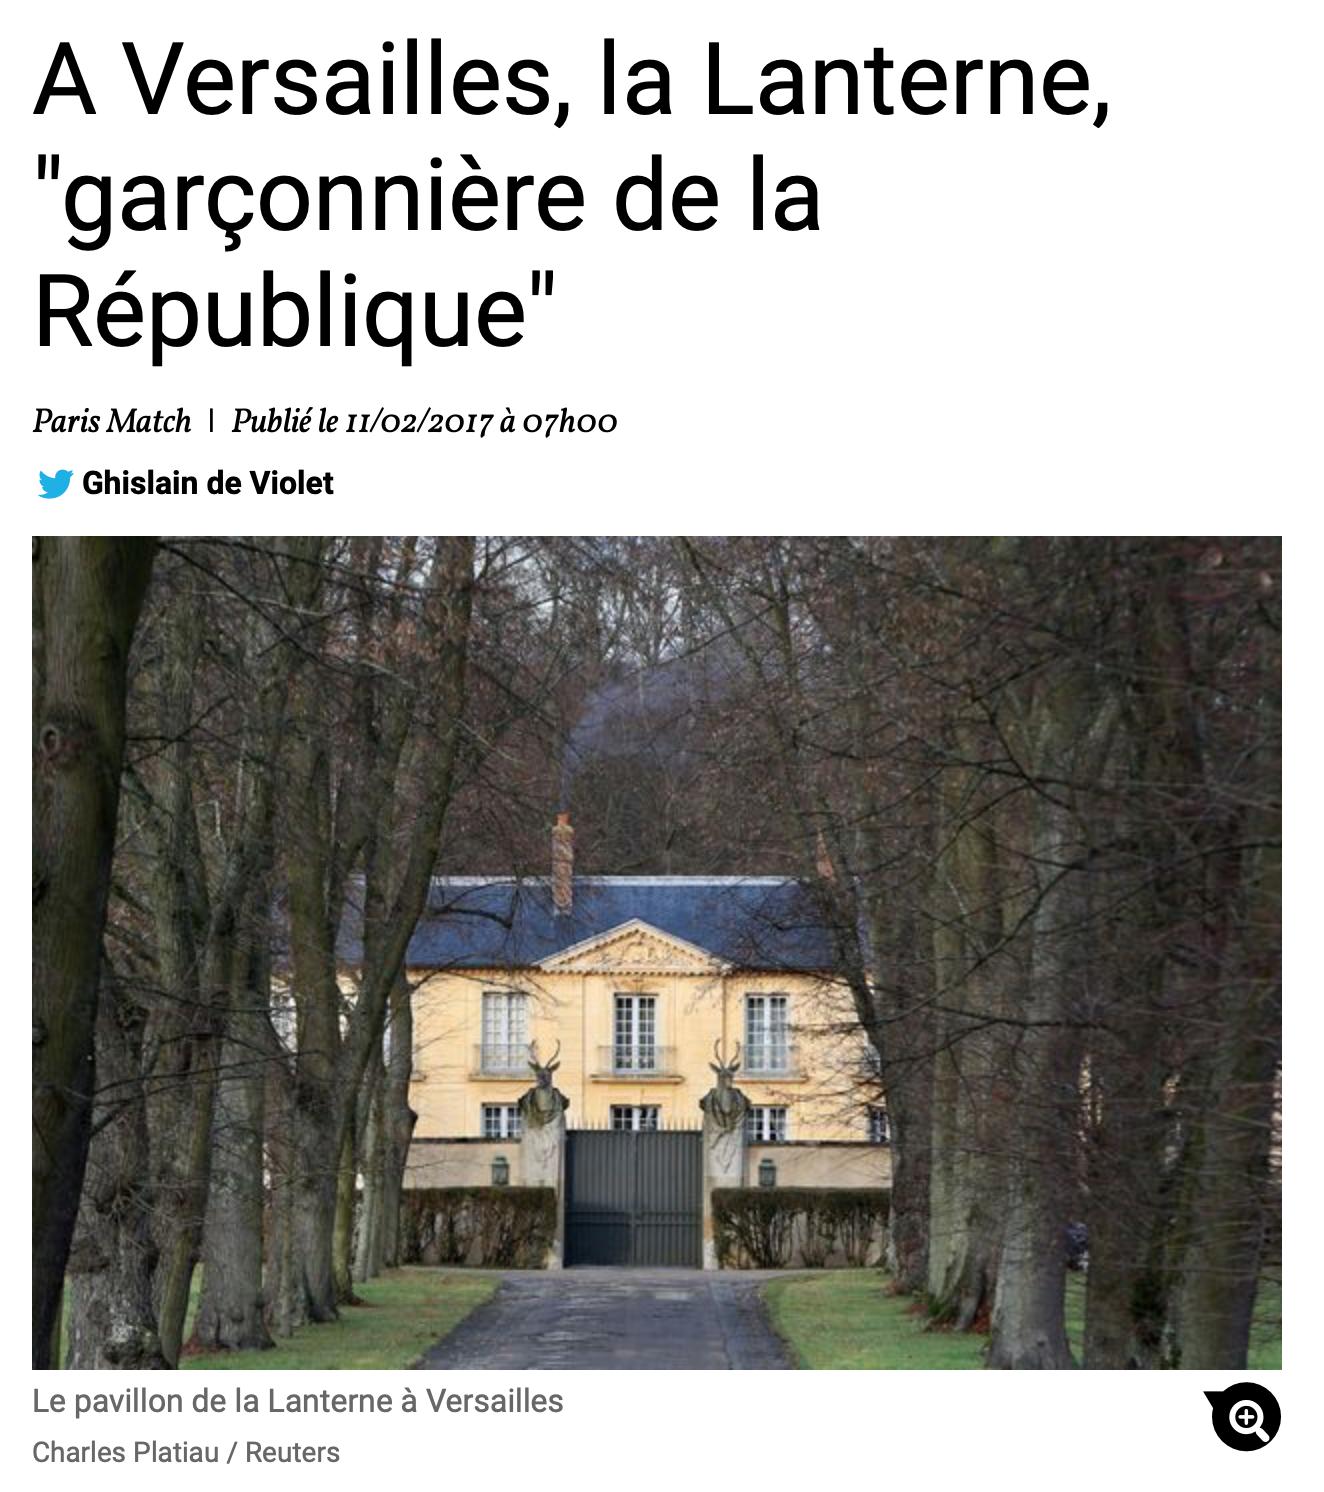 Macron confisque pour le garder à la Lanterne les policiers locaux : plus personne pour Police-Secours !